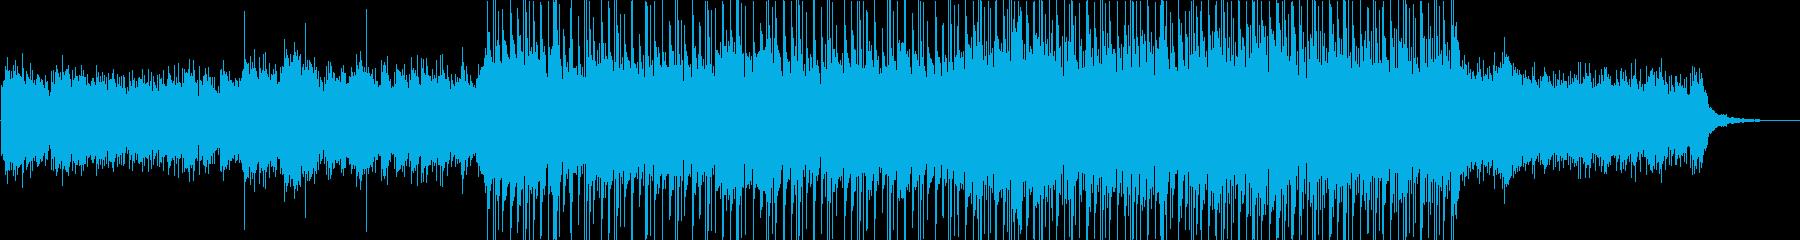 前進する様な企業VP映像ピアノとシンセの再生済みの波形